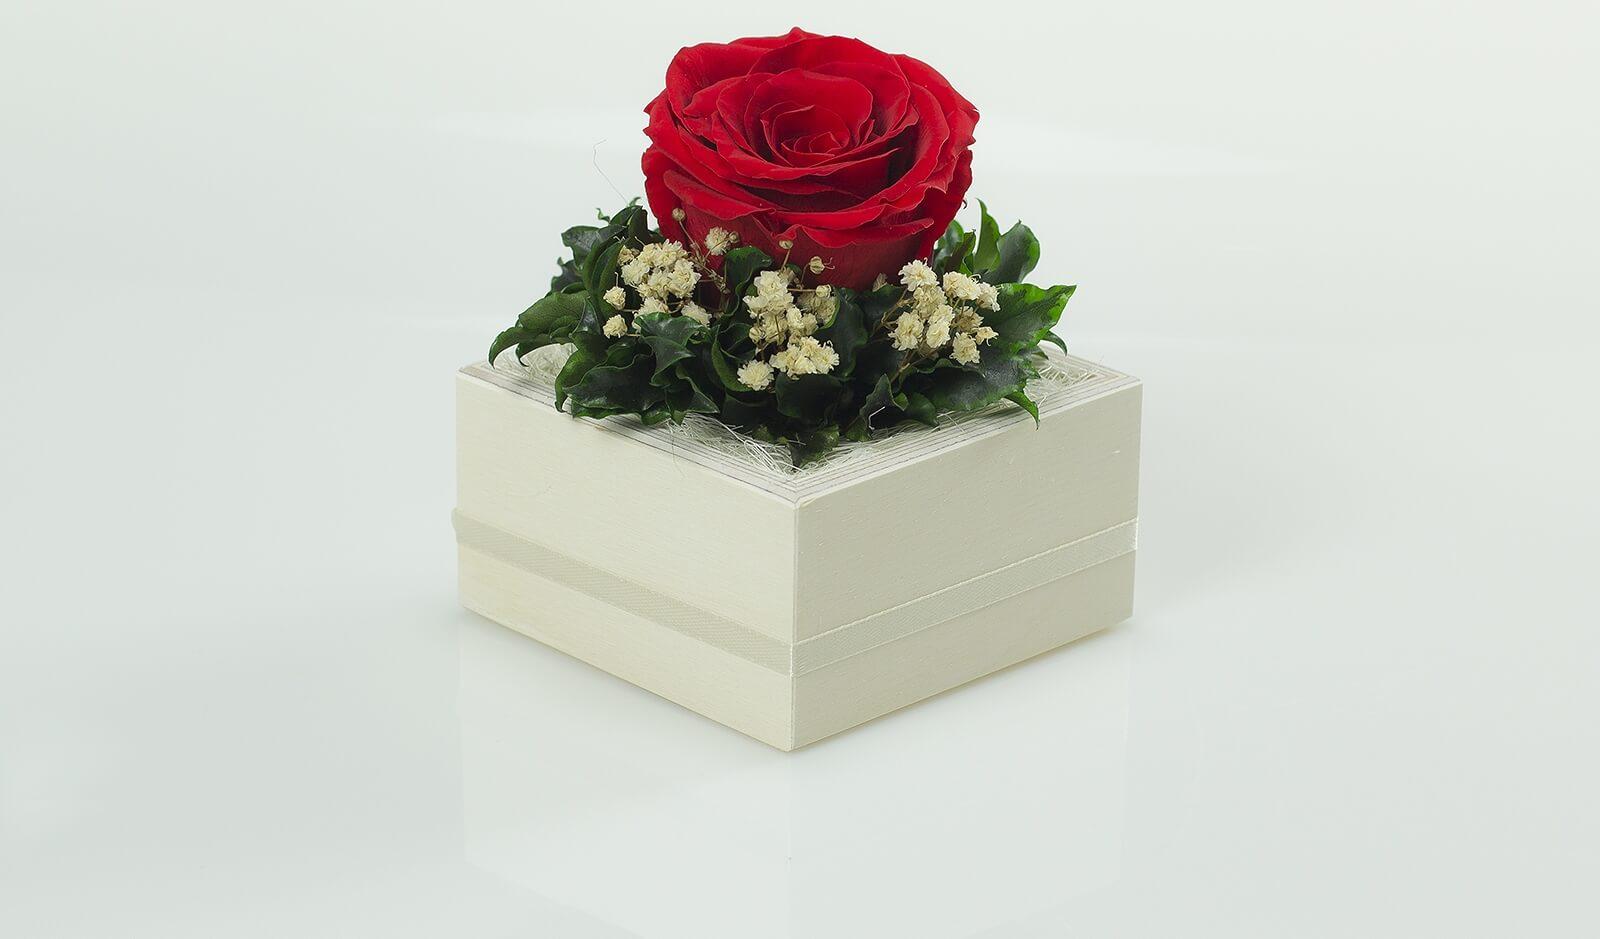 Piękna czerwona wieczna róża umieszczona w kompozycji standard